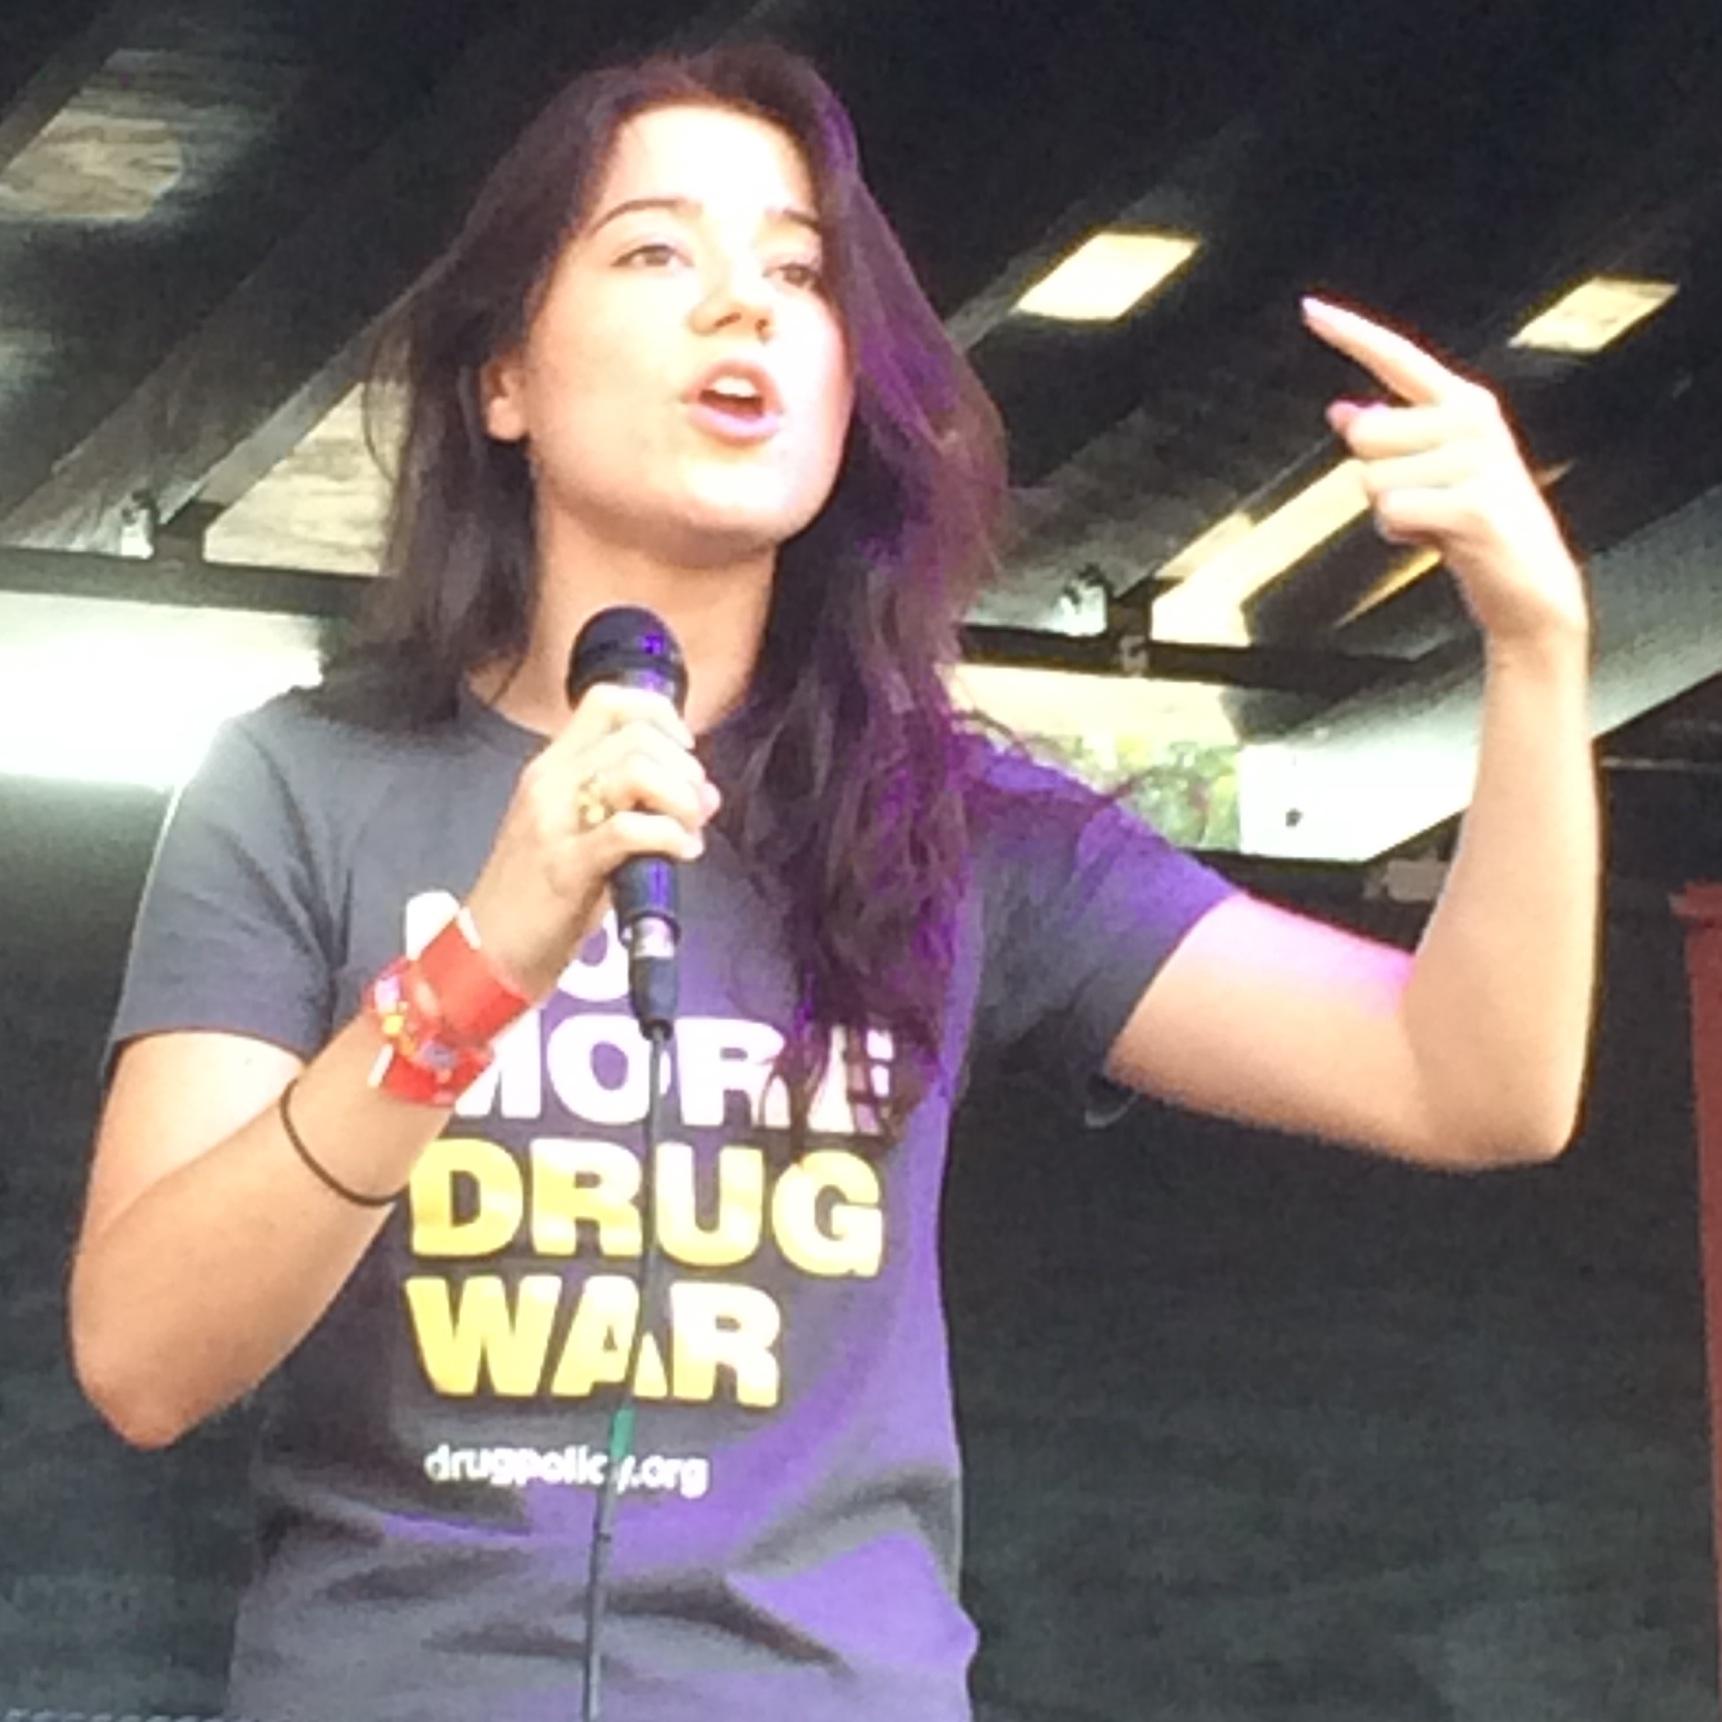 rebecca speaking.jpg